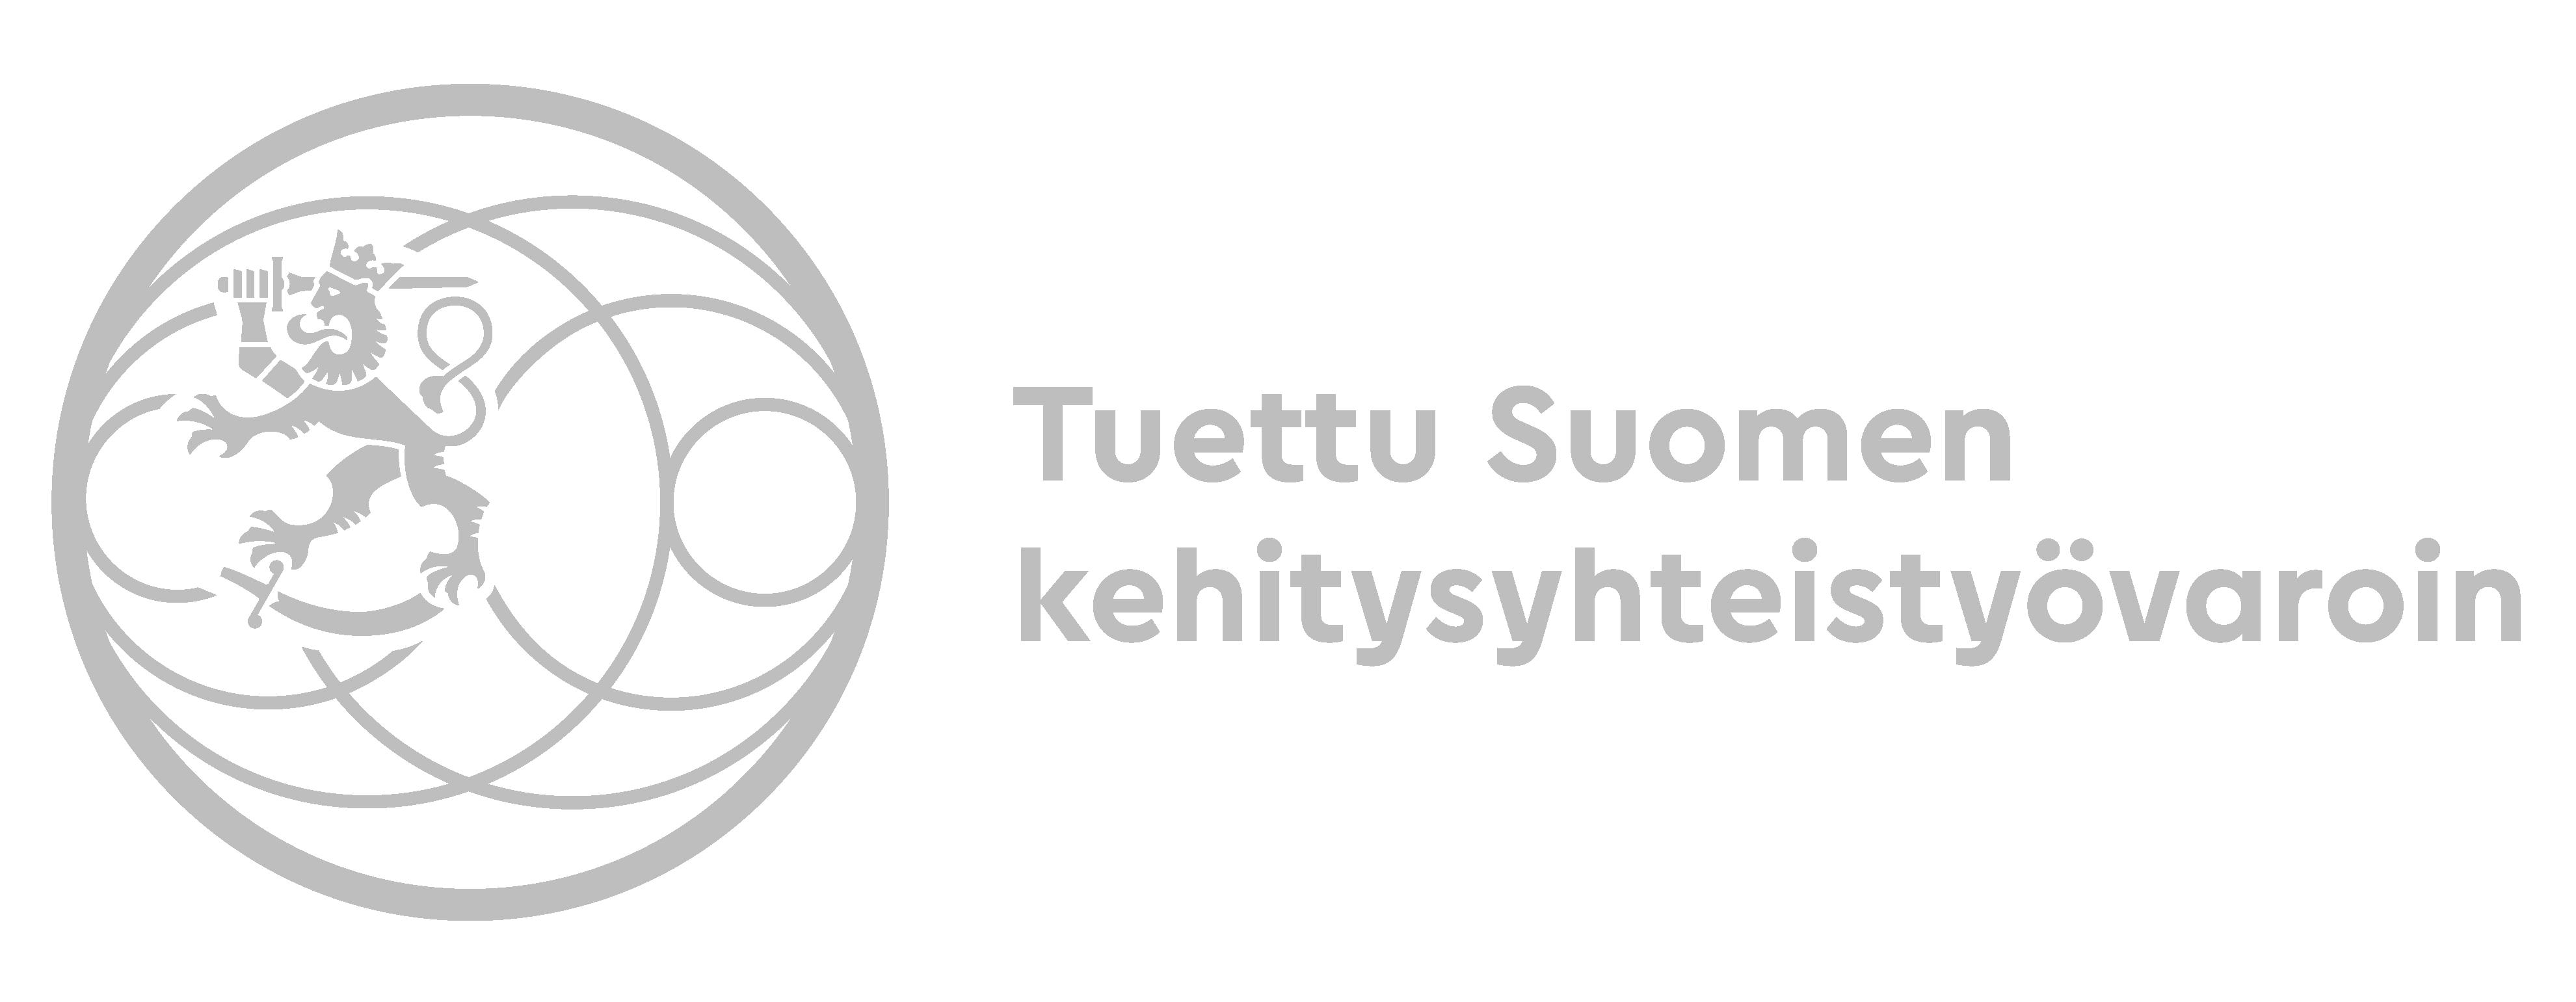 Kuvahaun tulos haulle tuettu suomen kehitysyhteistyövaroin logo